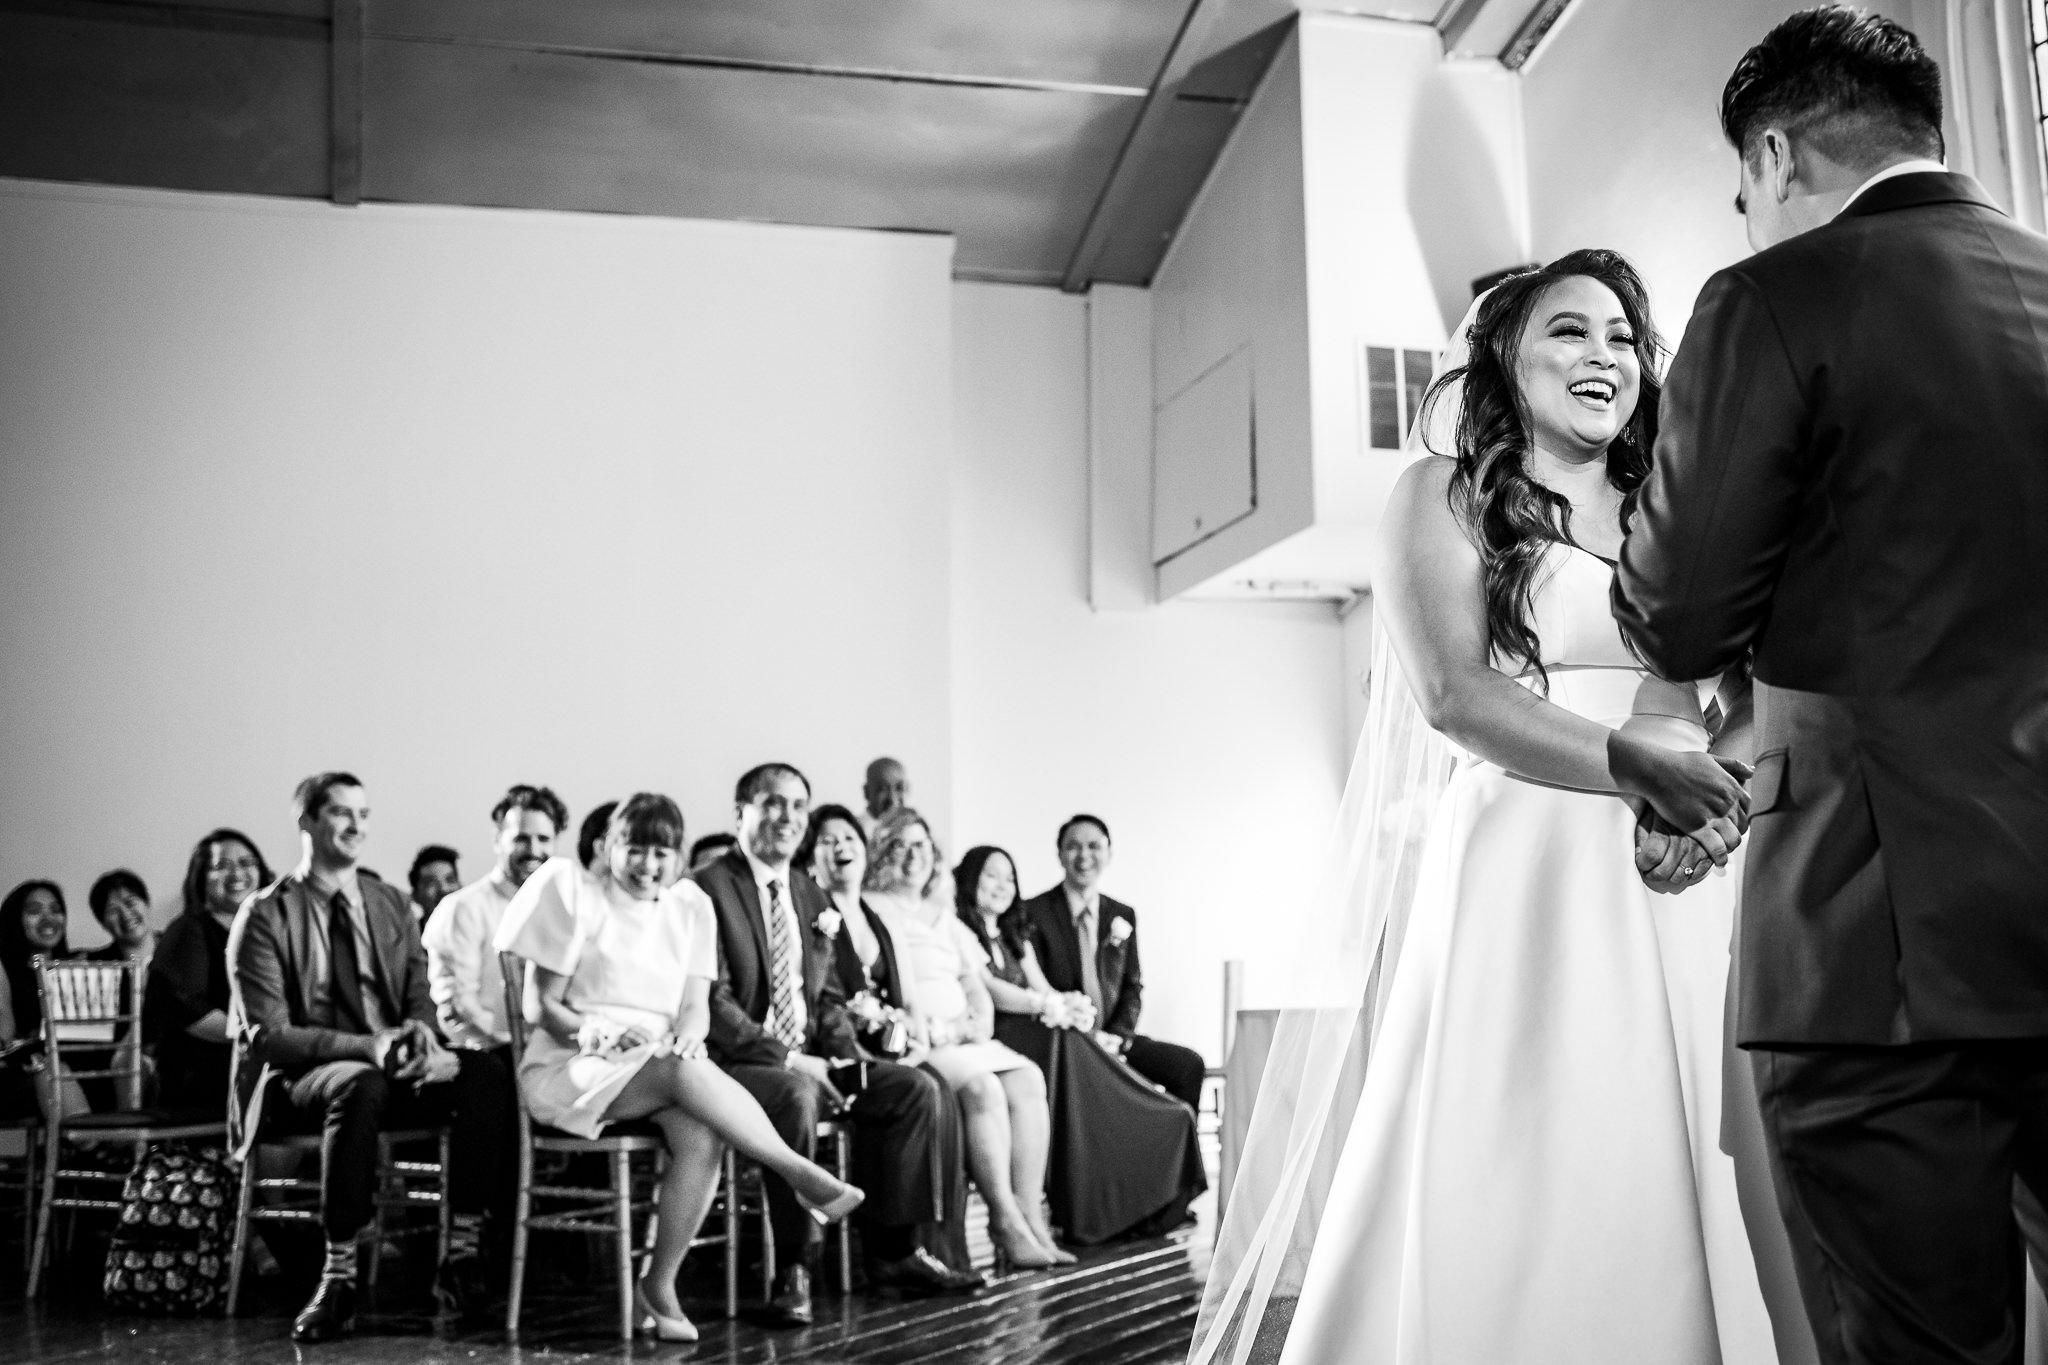 berkeley-wedding-photos-48.jpg